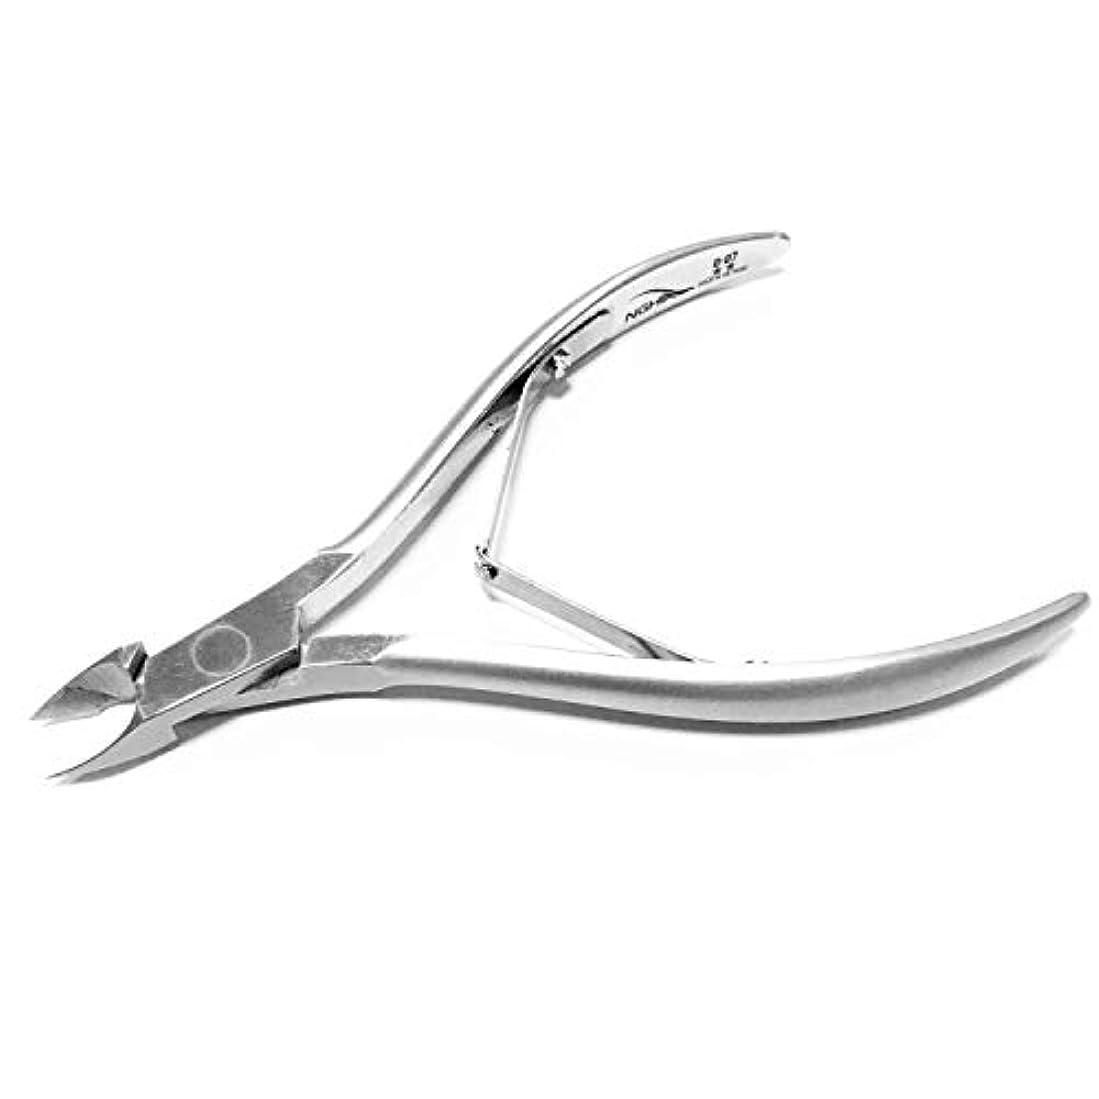 仕事に行く代表する代表するNGHIA キューティクルニッパー ペディキュアや美容ツール 理想的 な爪 足爪 用 専門外科グレードのステンレススチールキューティクルニッパー、ニッケルメッキ、シングルスプリング、7mmジョー